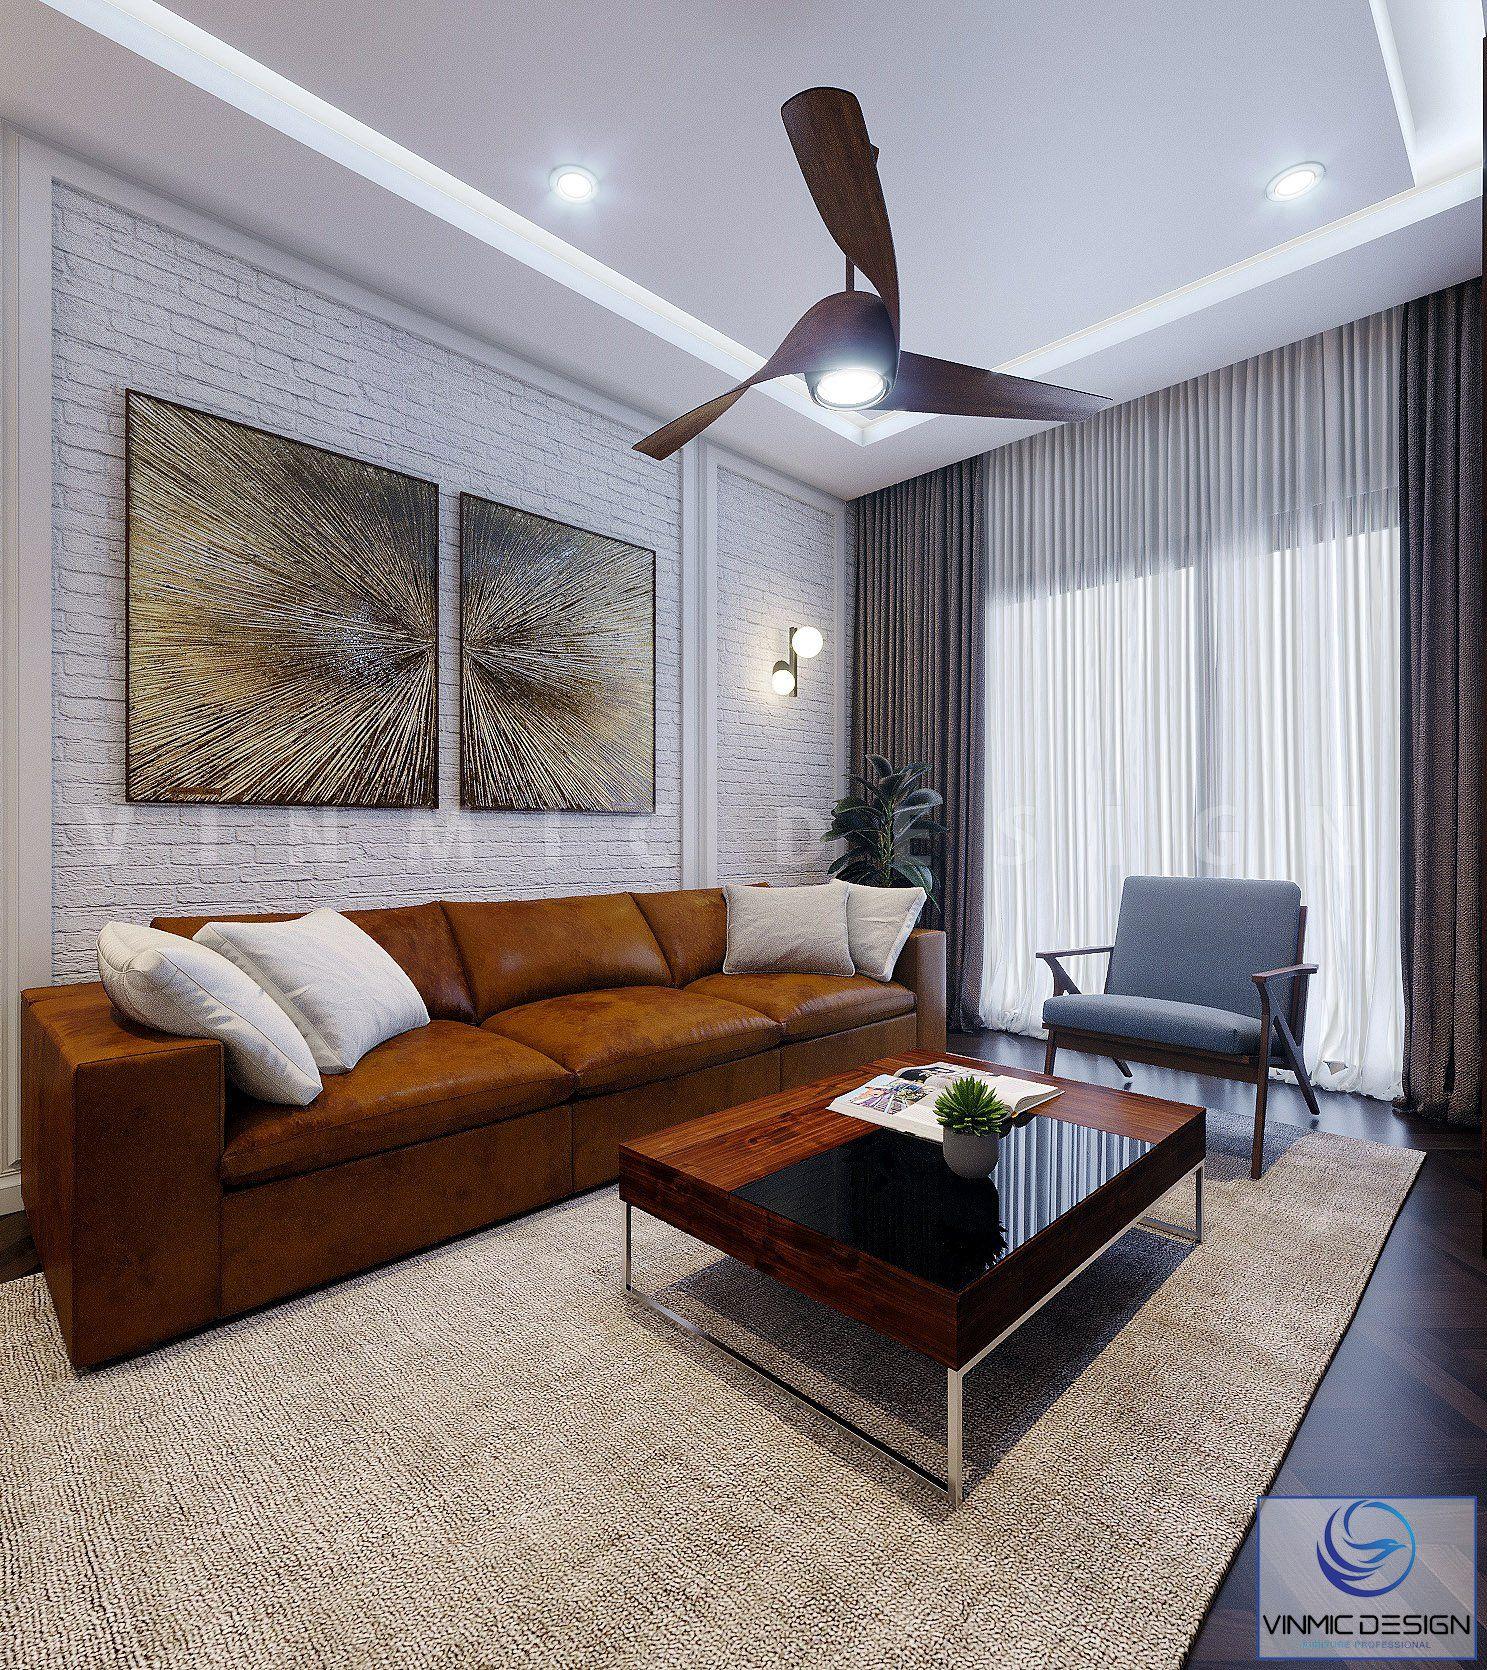 Thiết kế phòng khách với bộ sofa nổi bật